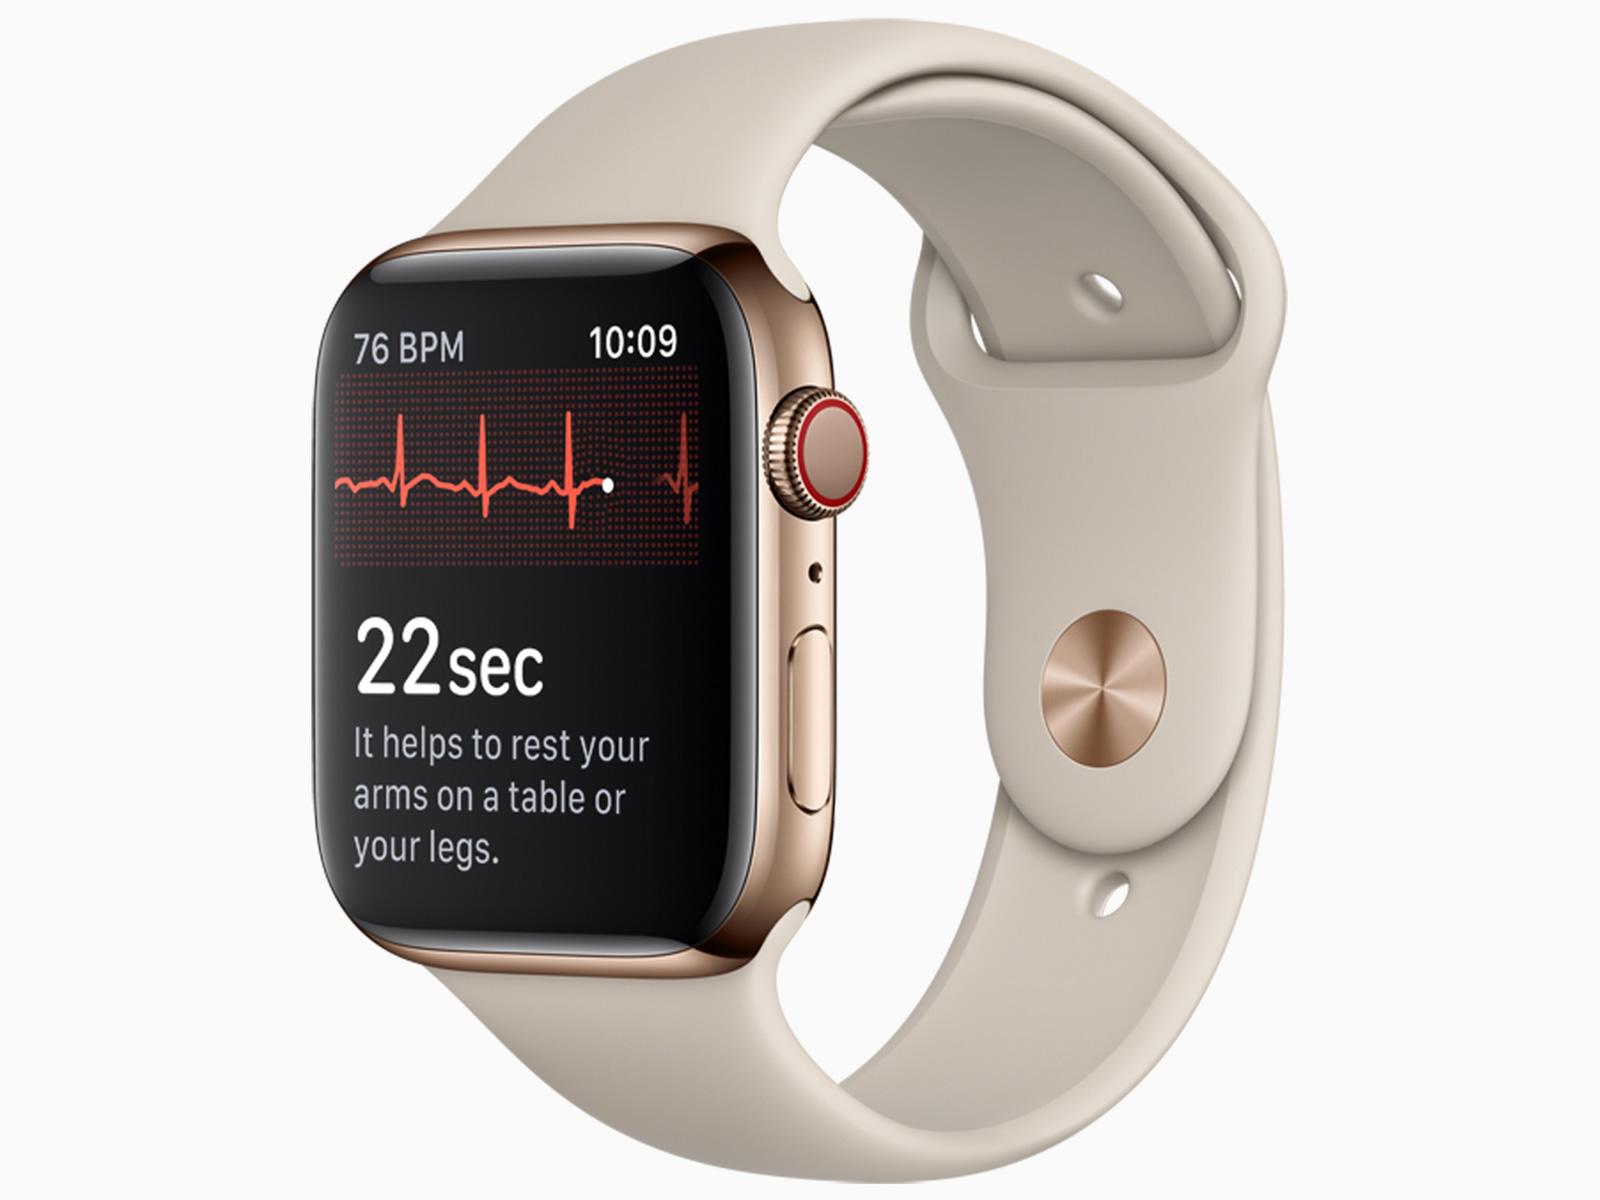 apple-watch-series-4-7-.jpg